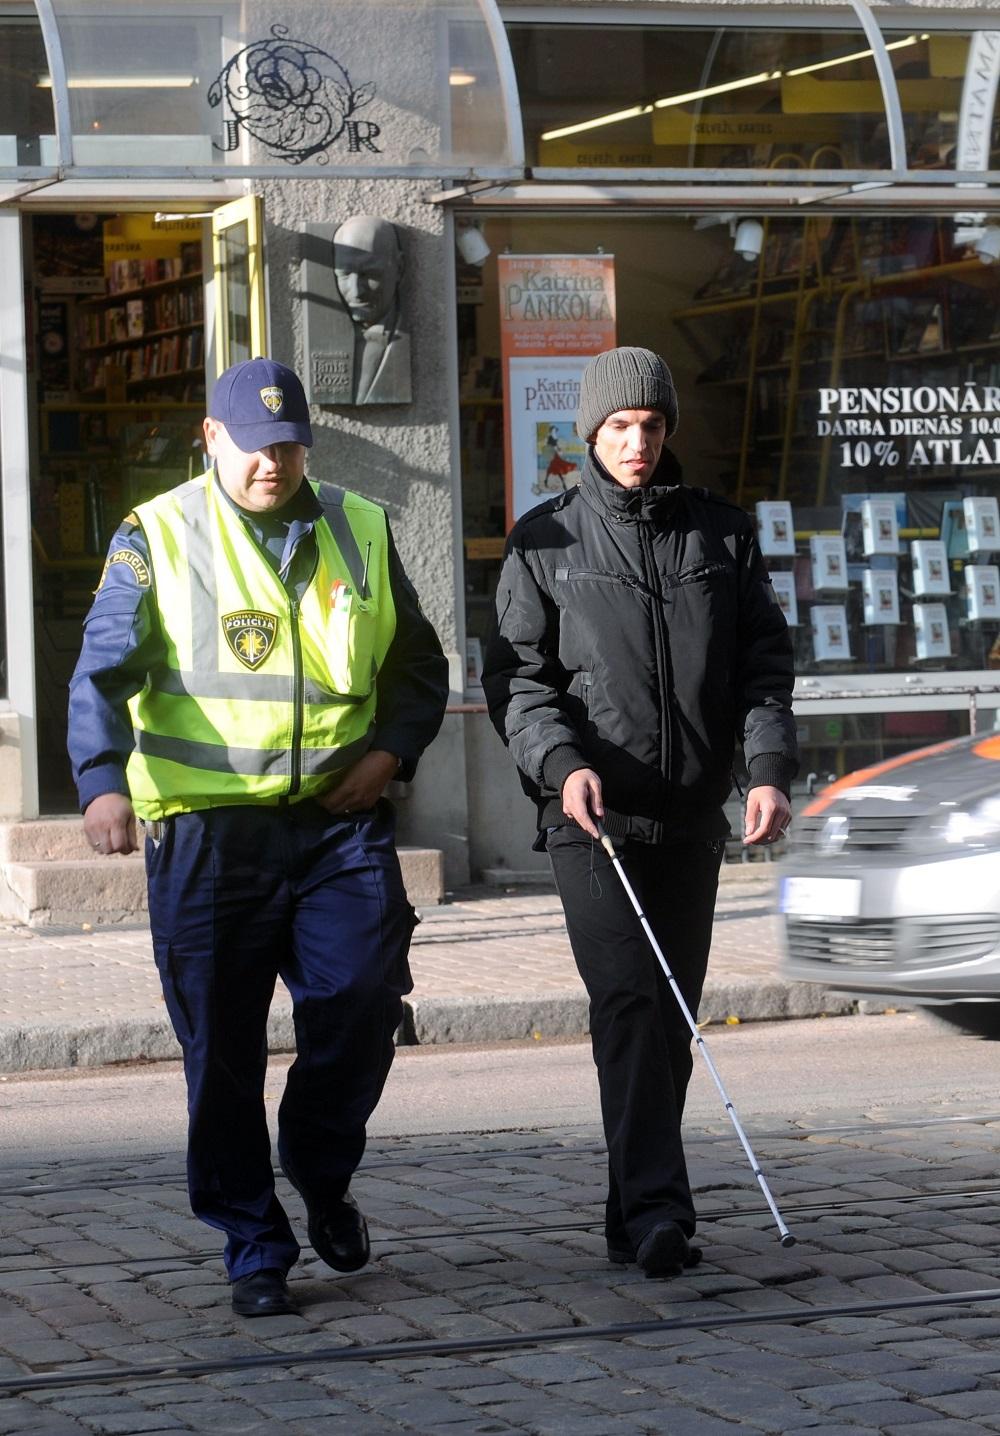 """Latvijas Neredzīgo biedrības neformālās jauniešu grupas """"Pozitīvs"""" dalībnieks Mārtiņš Vizulis sadarbībā ar Rīgas ceļu policiju organizētajā reidā Krišjāņa Barona ielā pārbauda, vai autovadītāji ir informēti par rīcību, ja neredzīgs cilvēks ar balto spieķi šķērso ielu."""